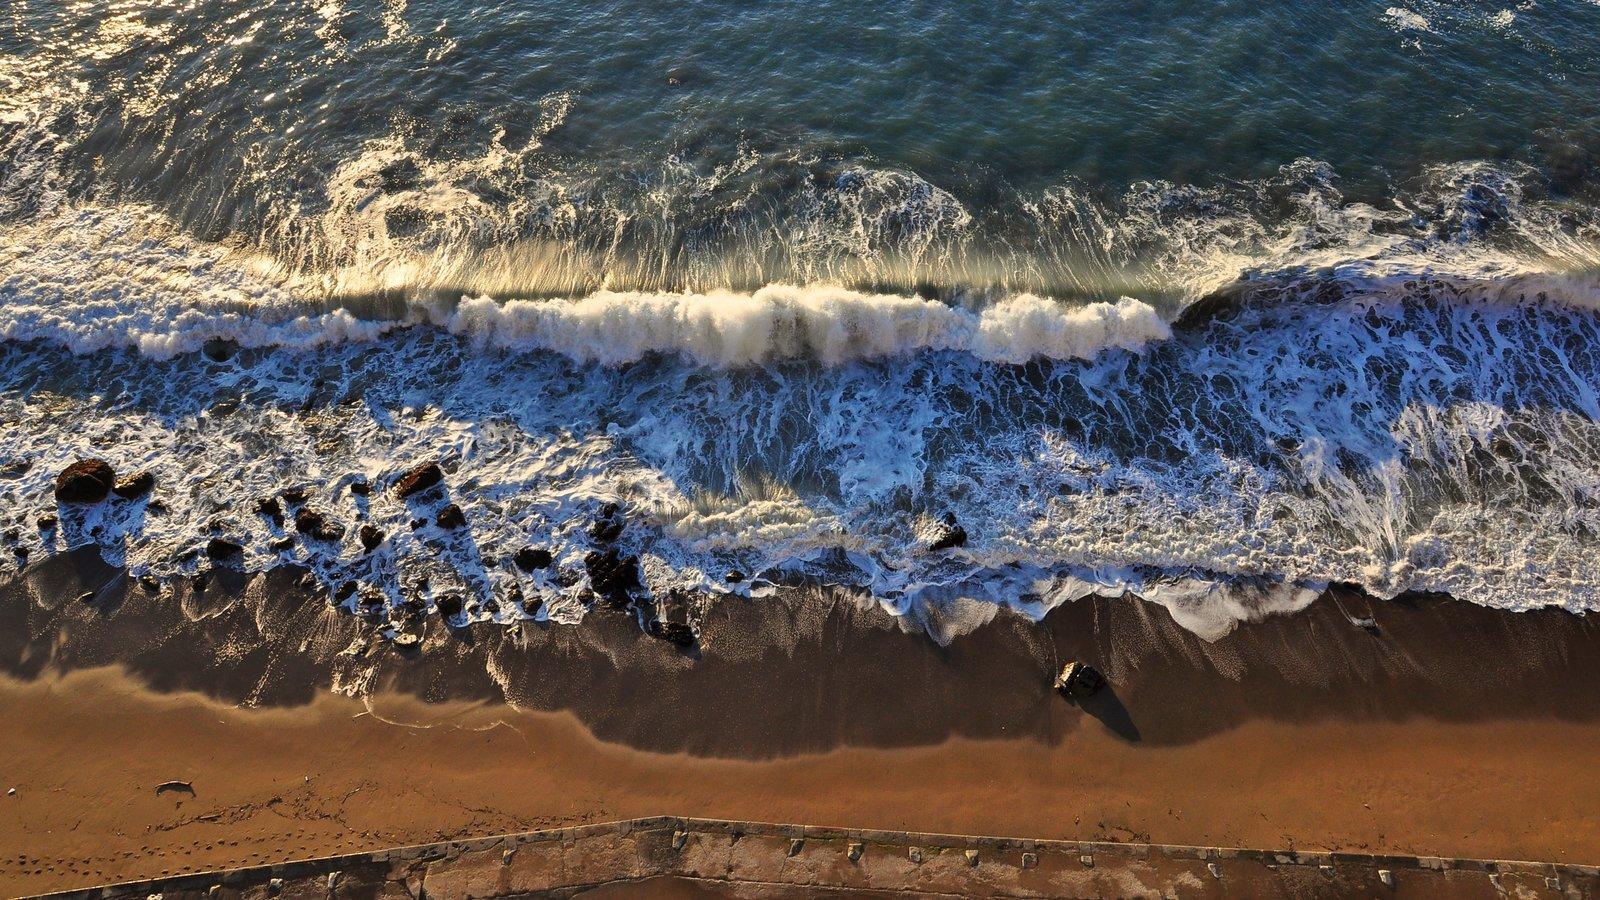 Golden Gate Bridge caracterizando ondas e uma praia